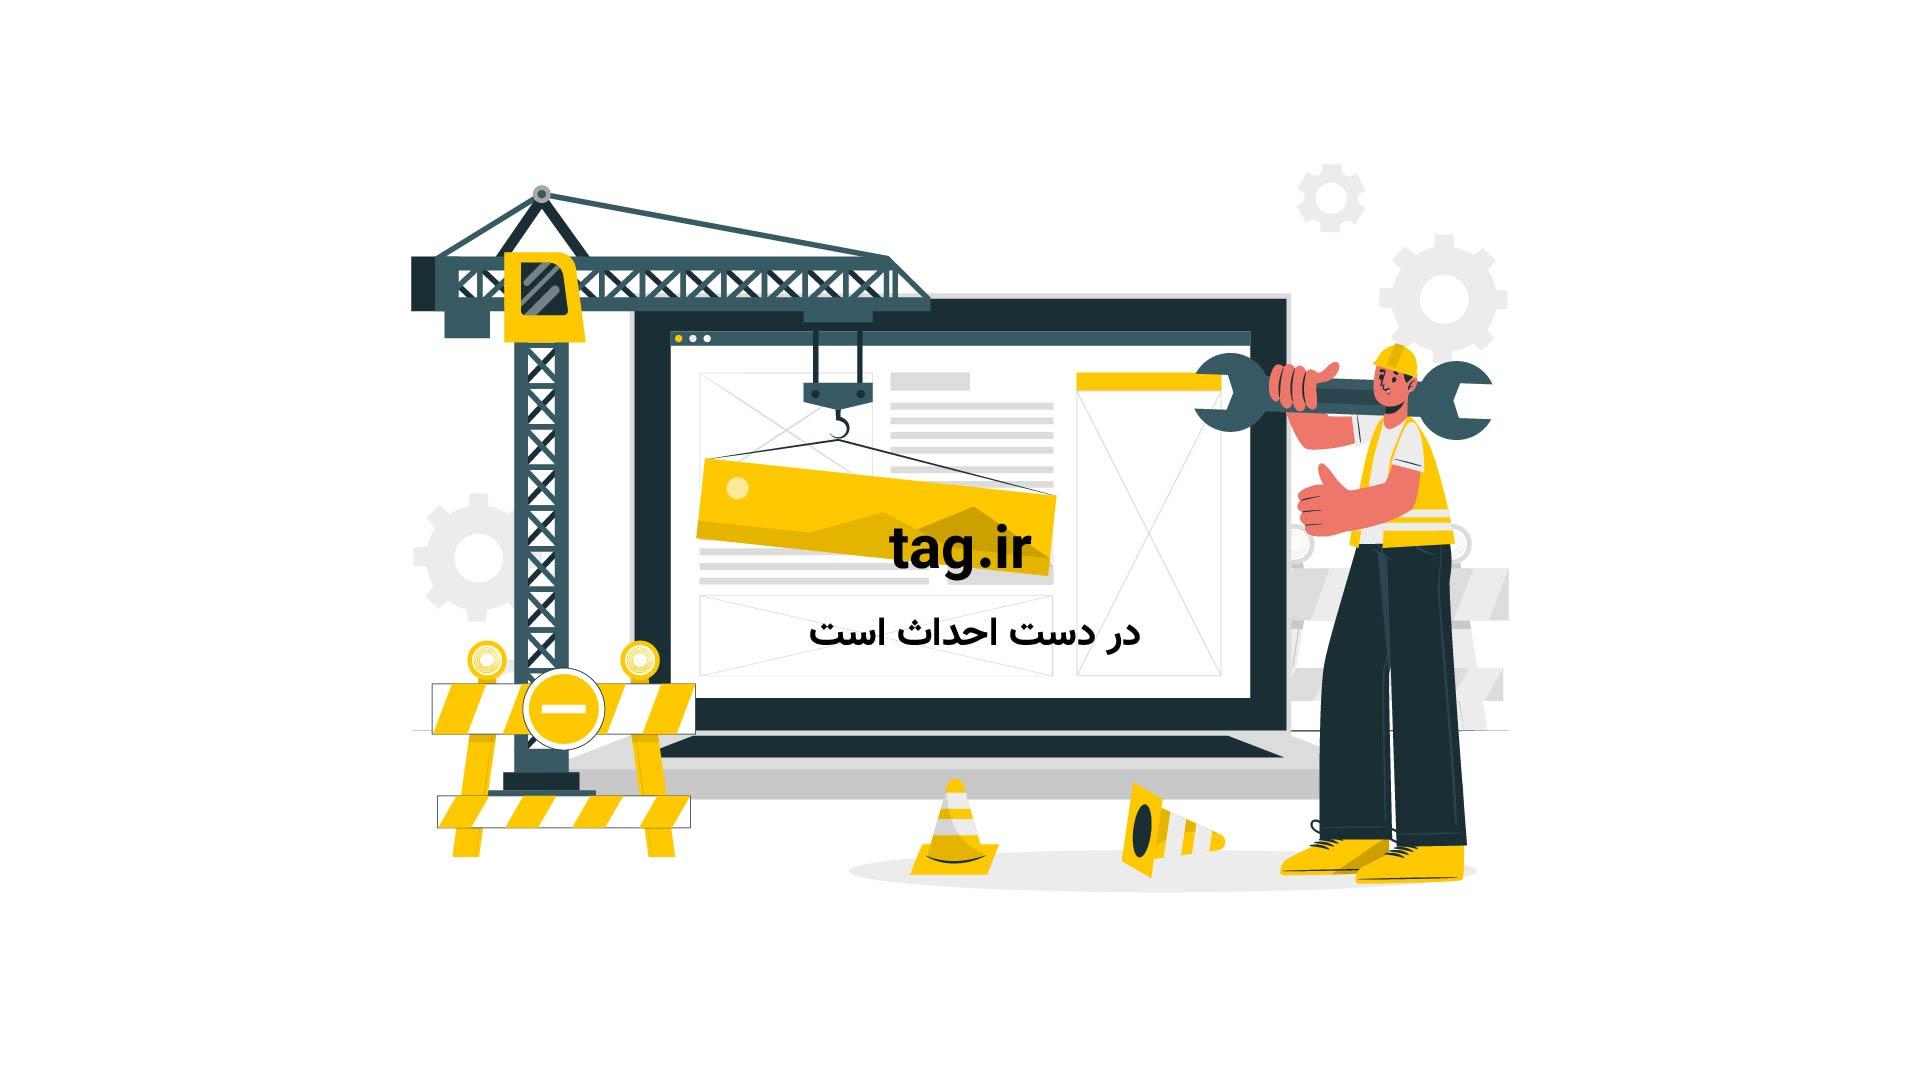 گفتگو رشیدپور با امین حیایی،حمید نعمت الله و مقدم دوست عوامل فیلم شعلهور | فیلم